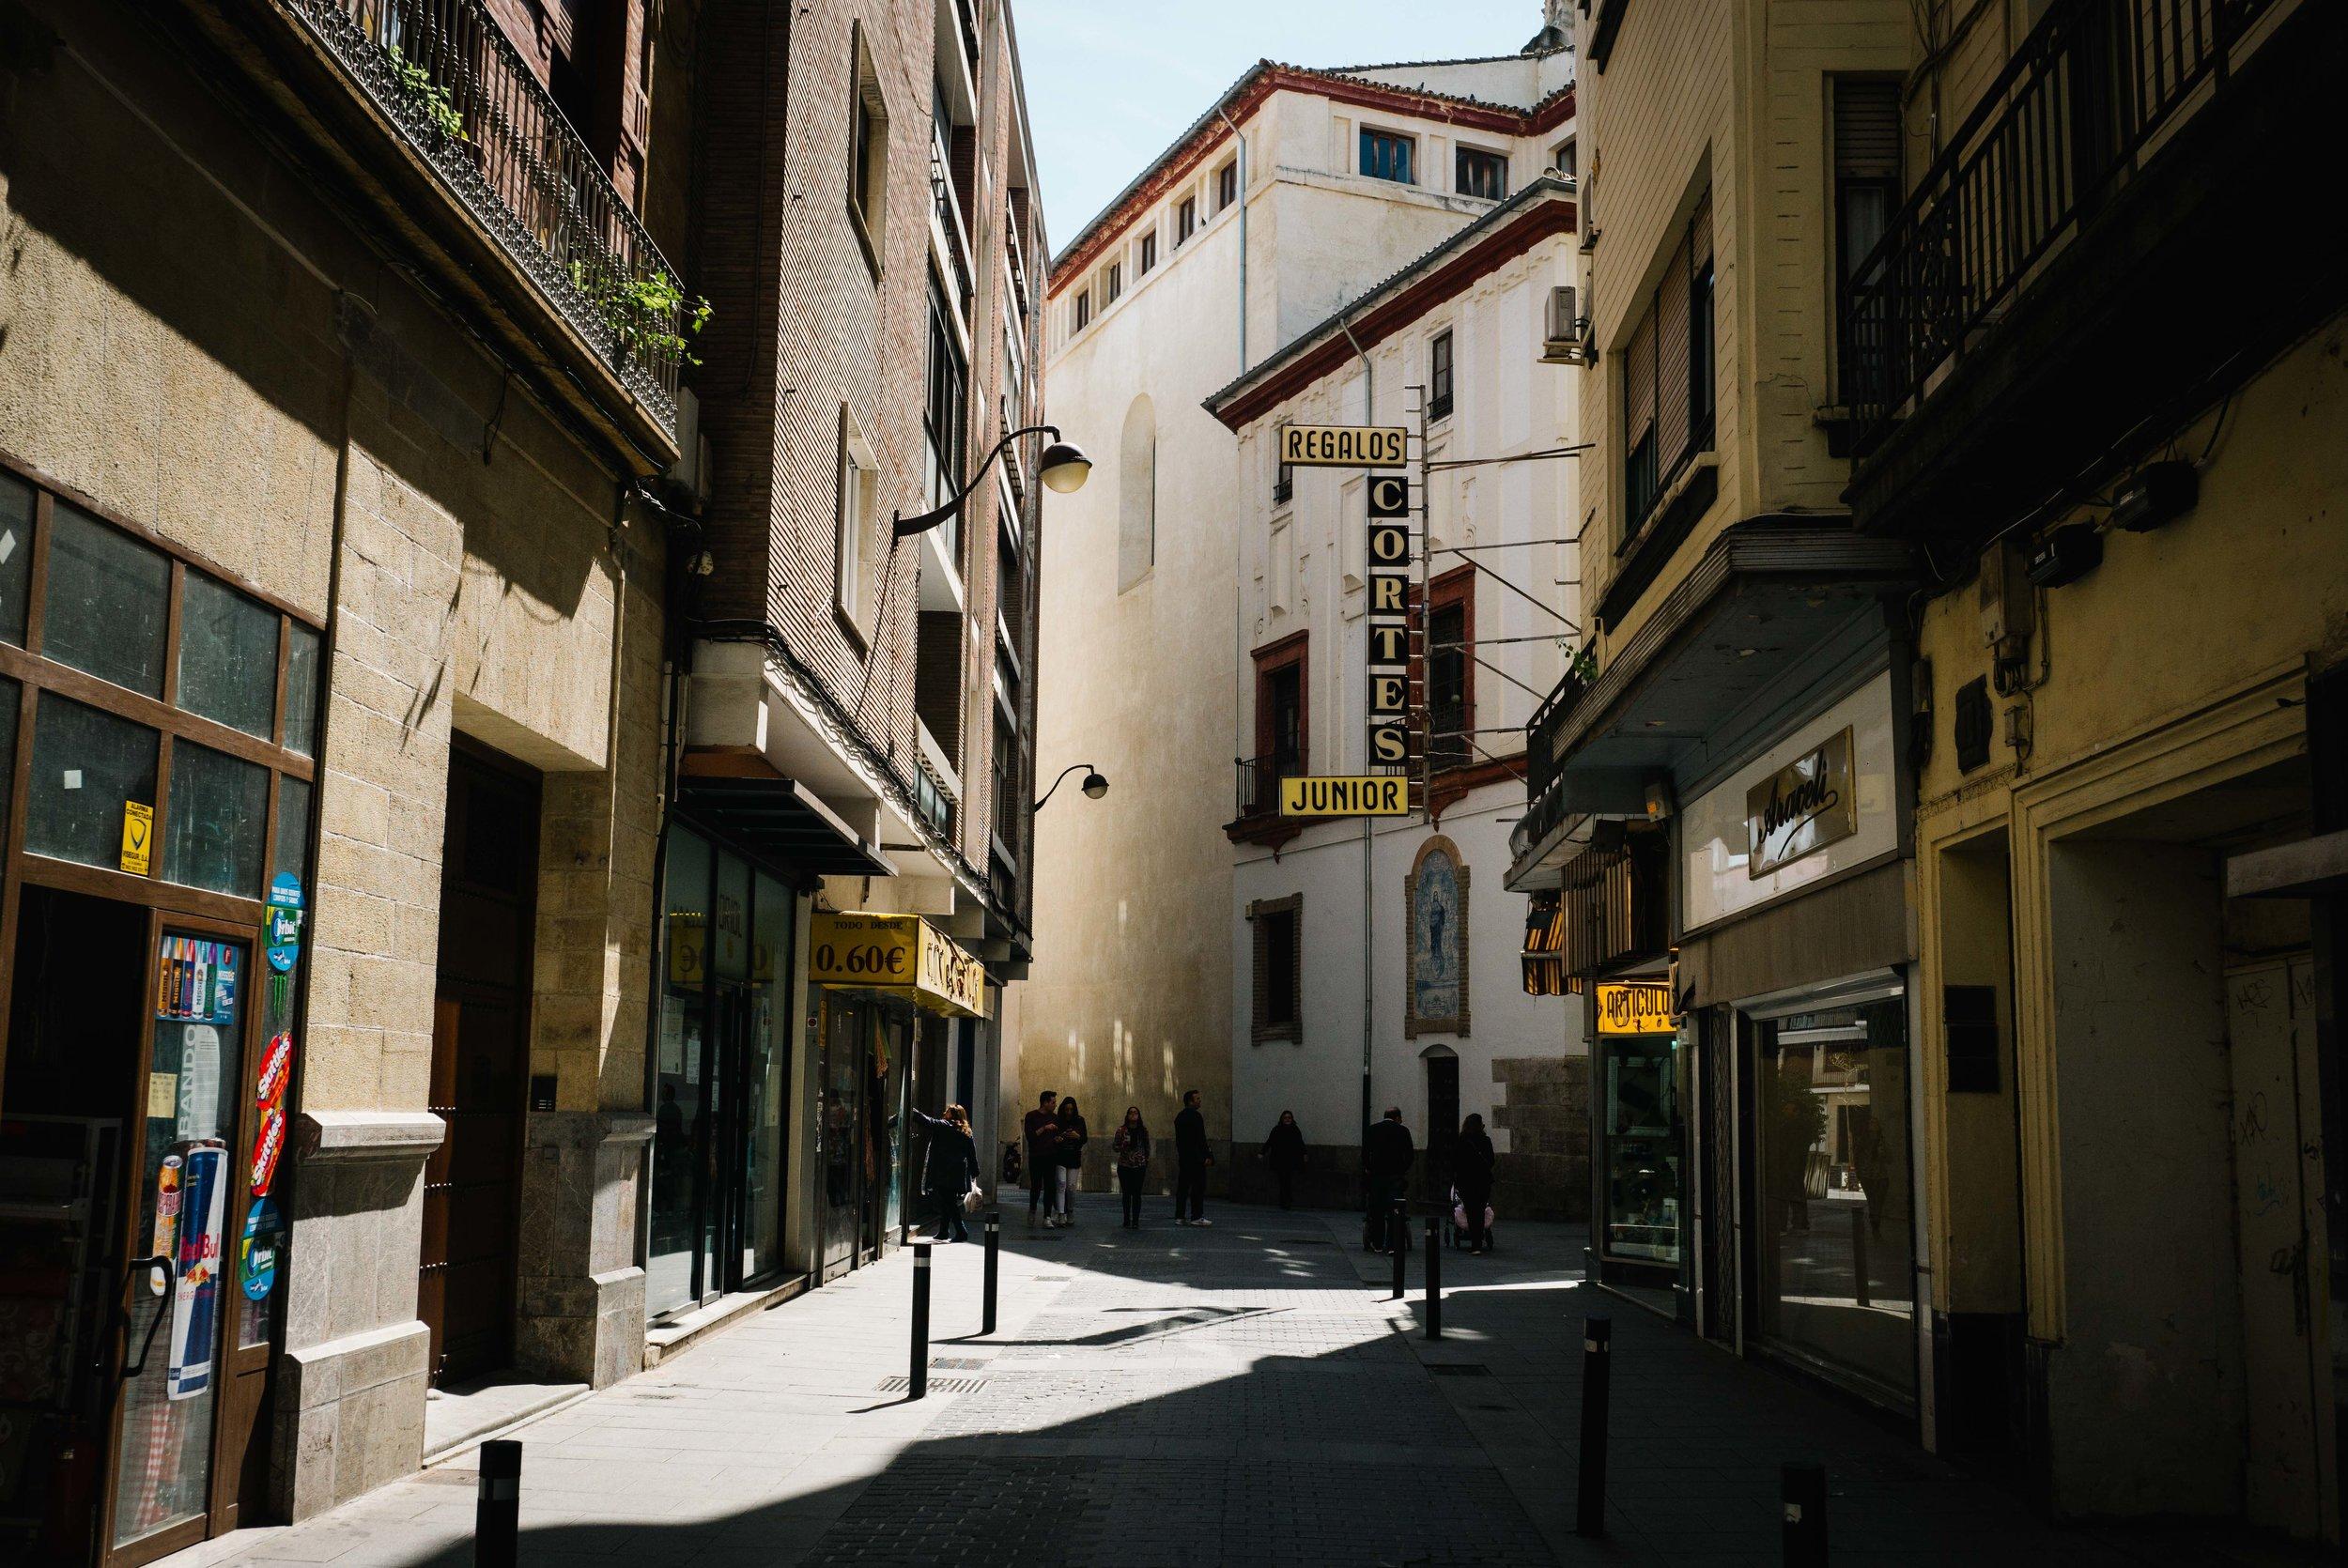 Córdoba. Spain. 2017.